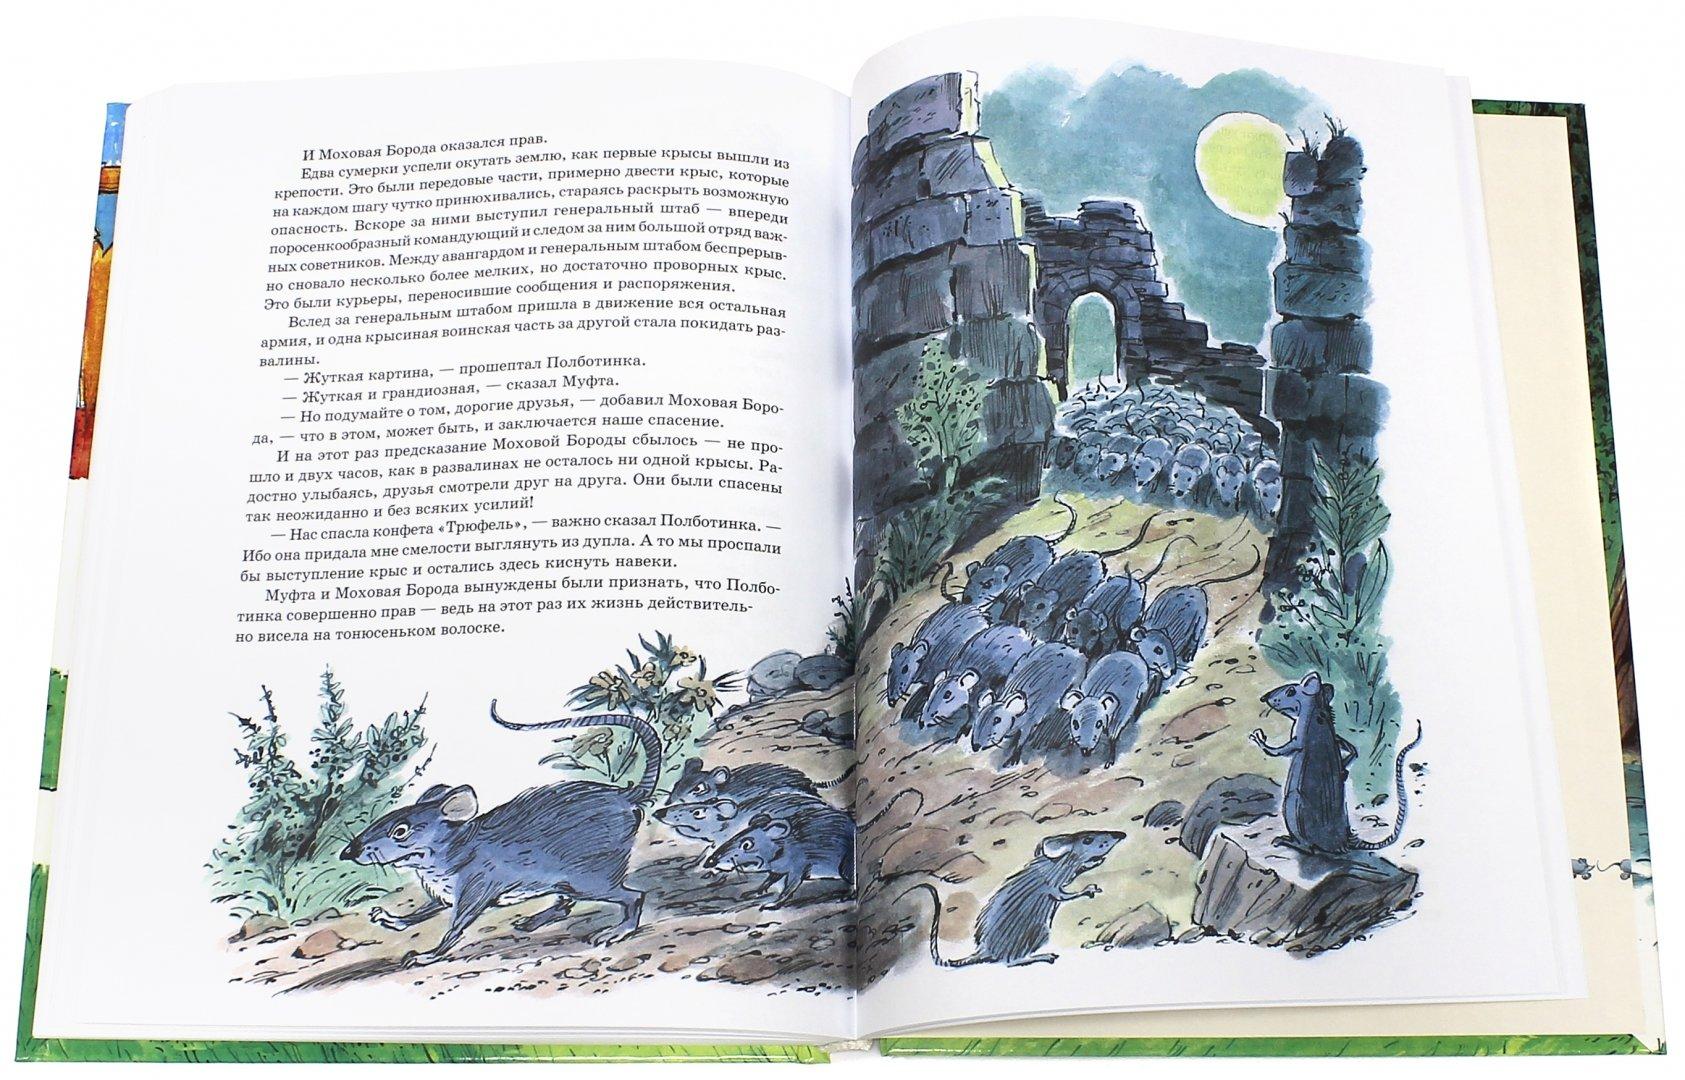 Иллюстрация 4 из 53 для Муфта, Полботинка и Моховая Борода - Эно Рауд | Лабиринт - книги. Источник: Лабиринт